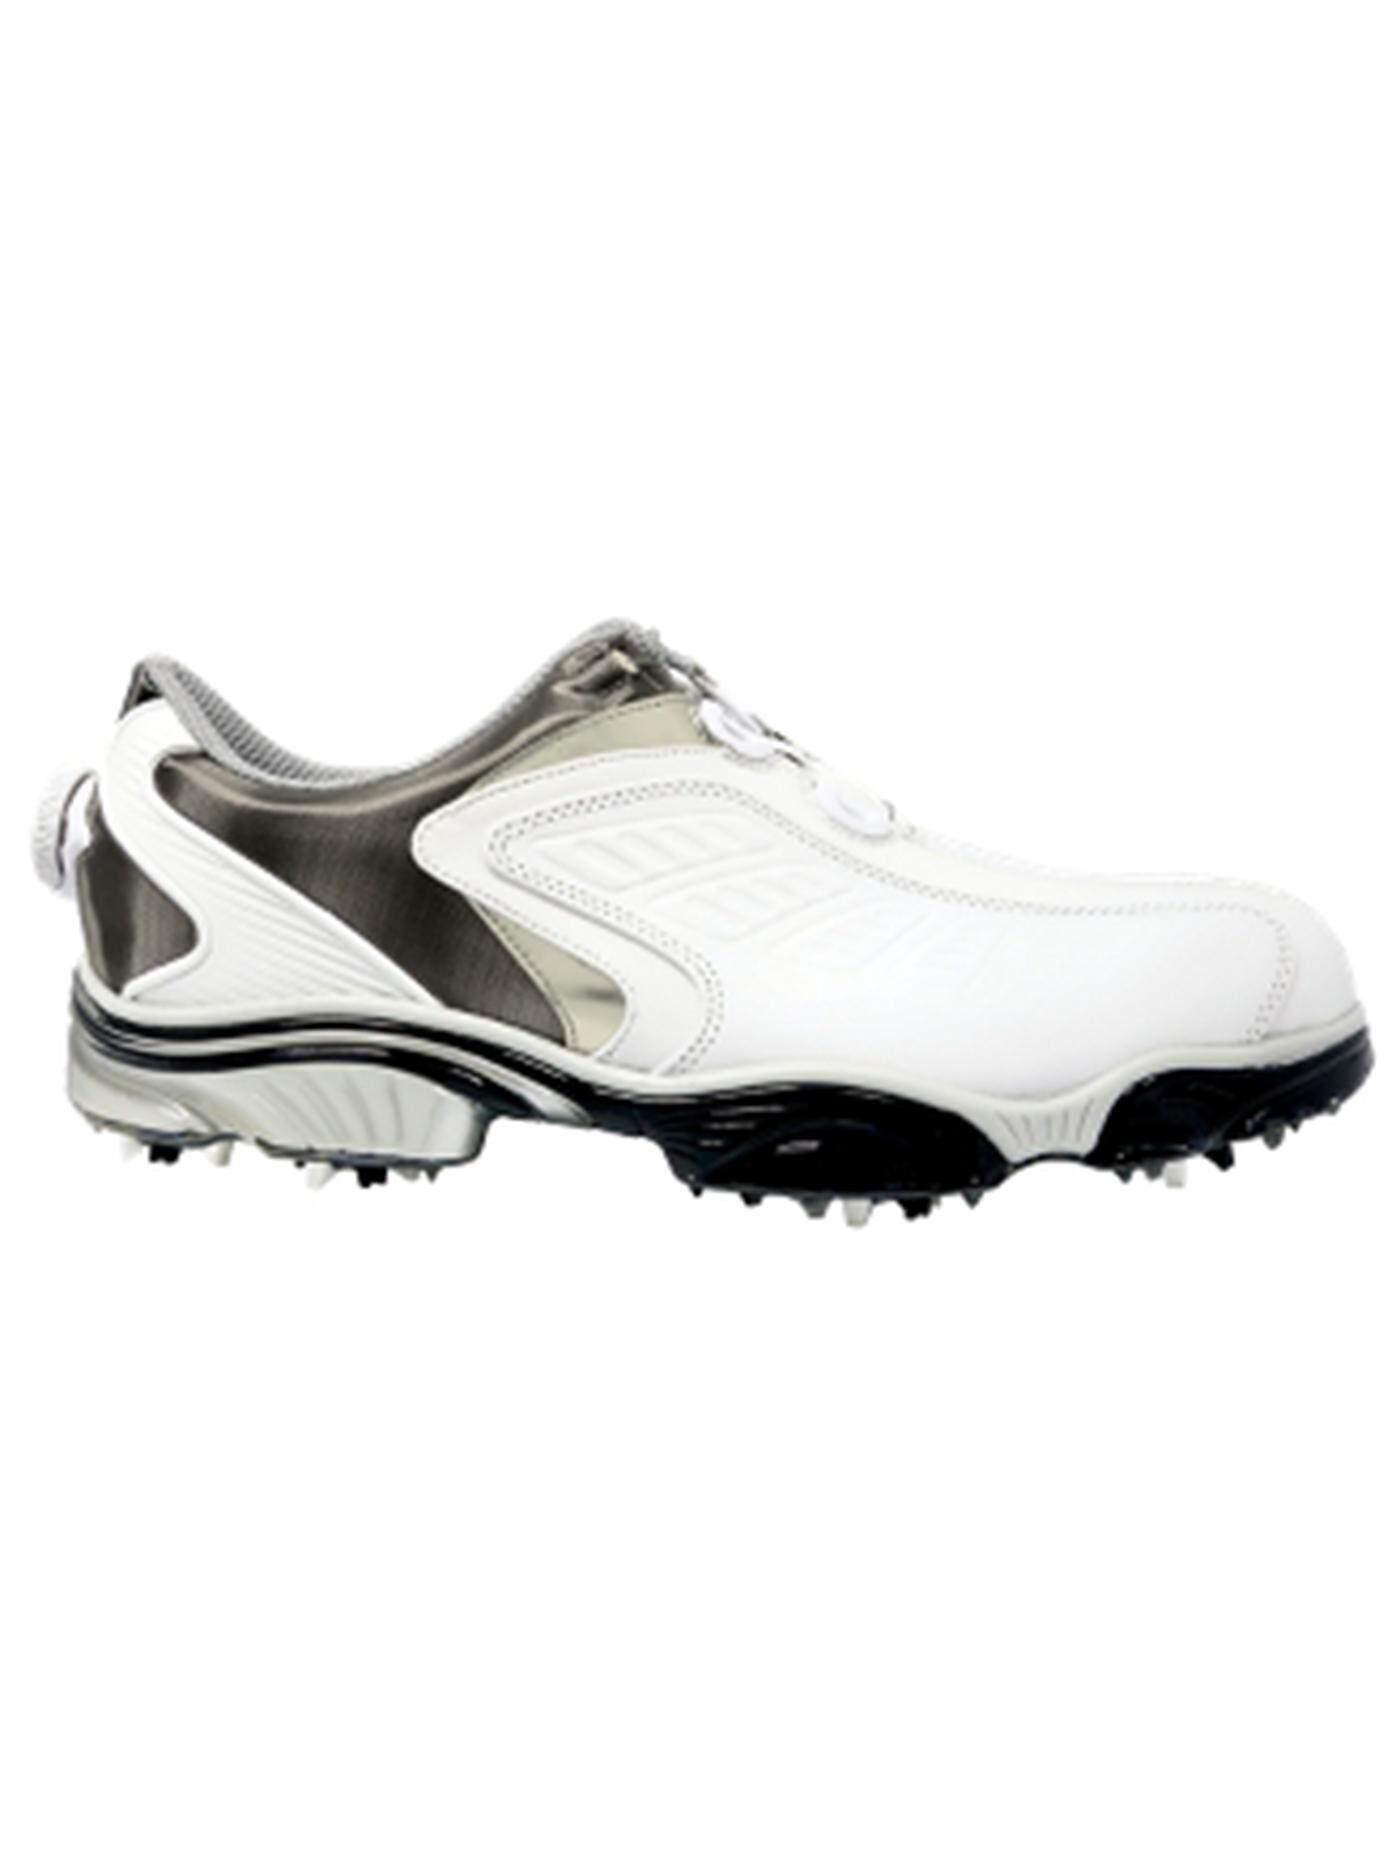 รองเท้ากอล์ฟ Footjoy Sport Boa 53204070xw ไซส์ 8.5 สีขาว-เงิน By Bangkok Global Store.